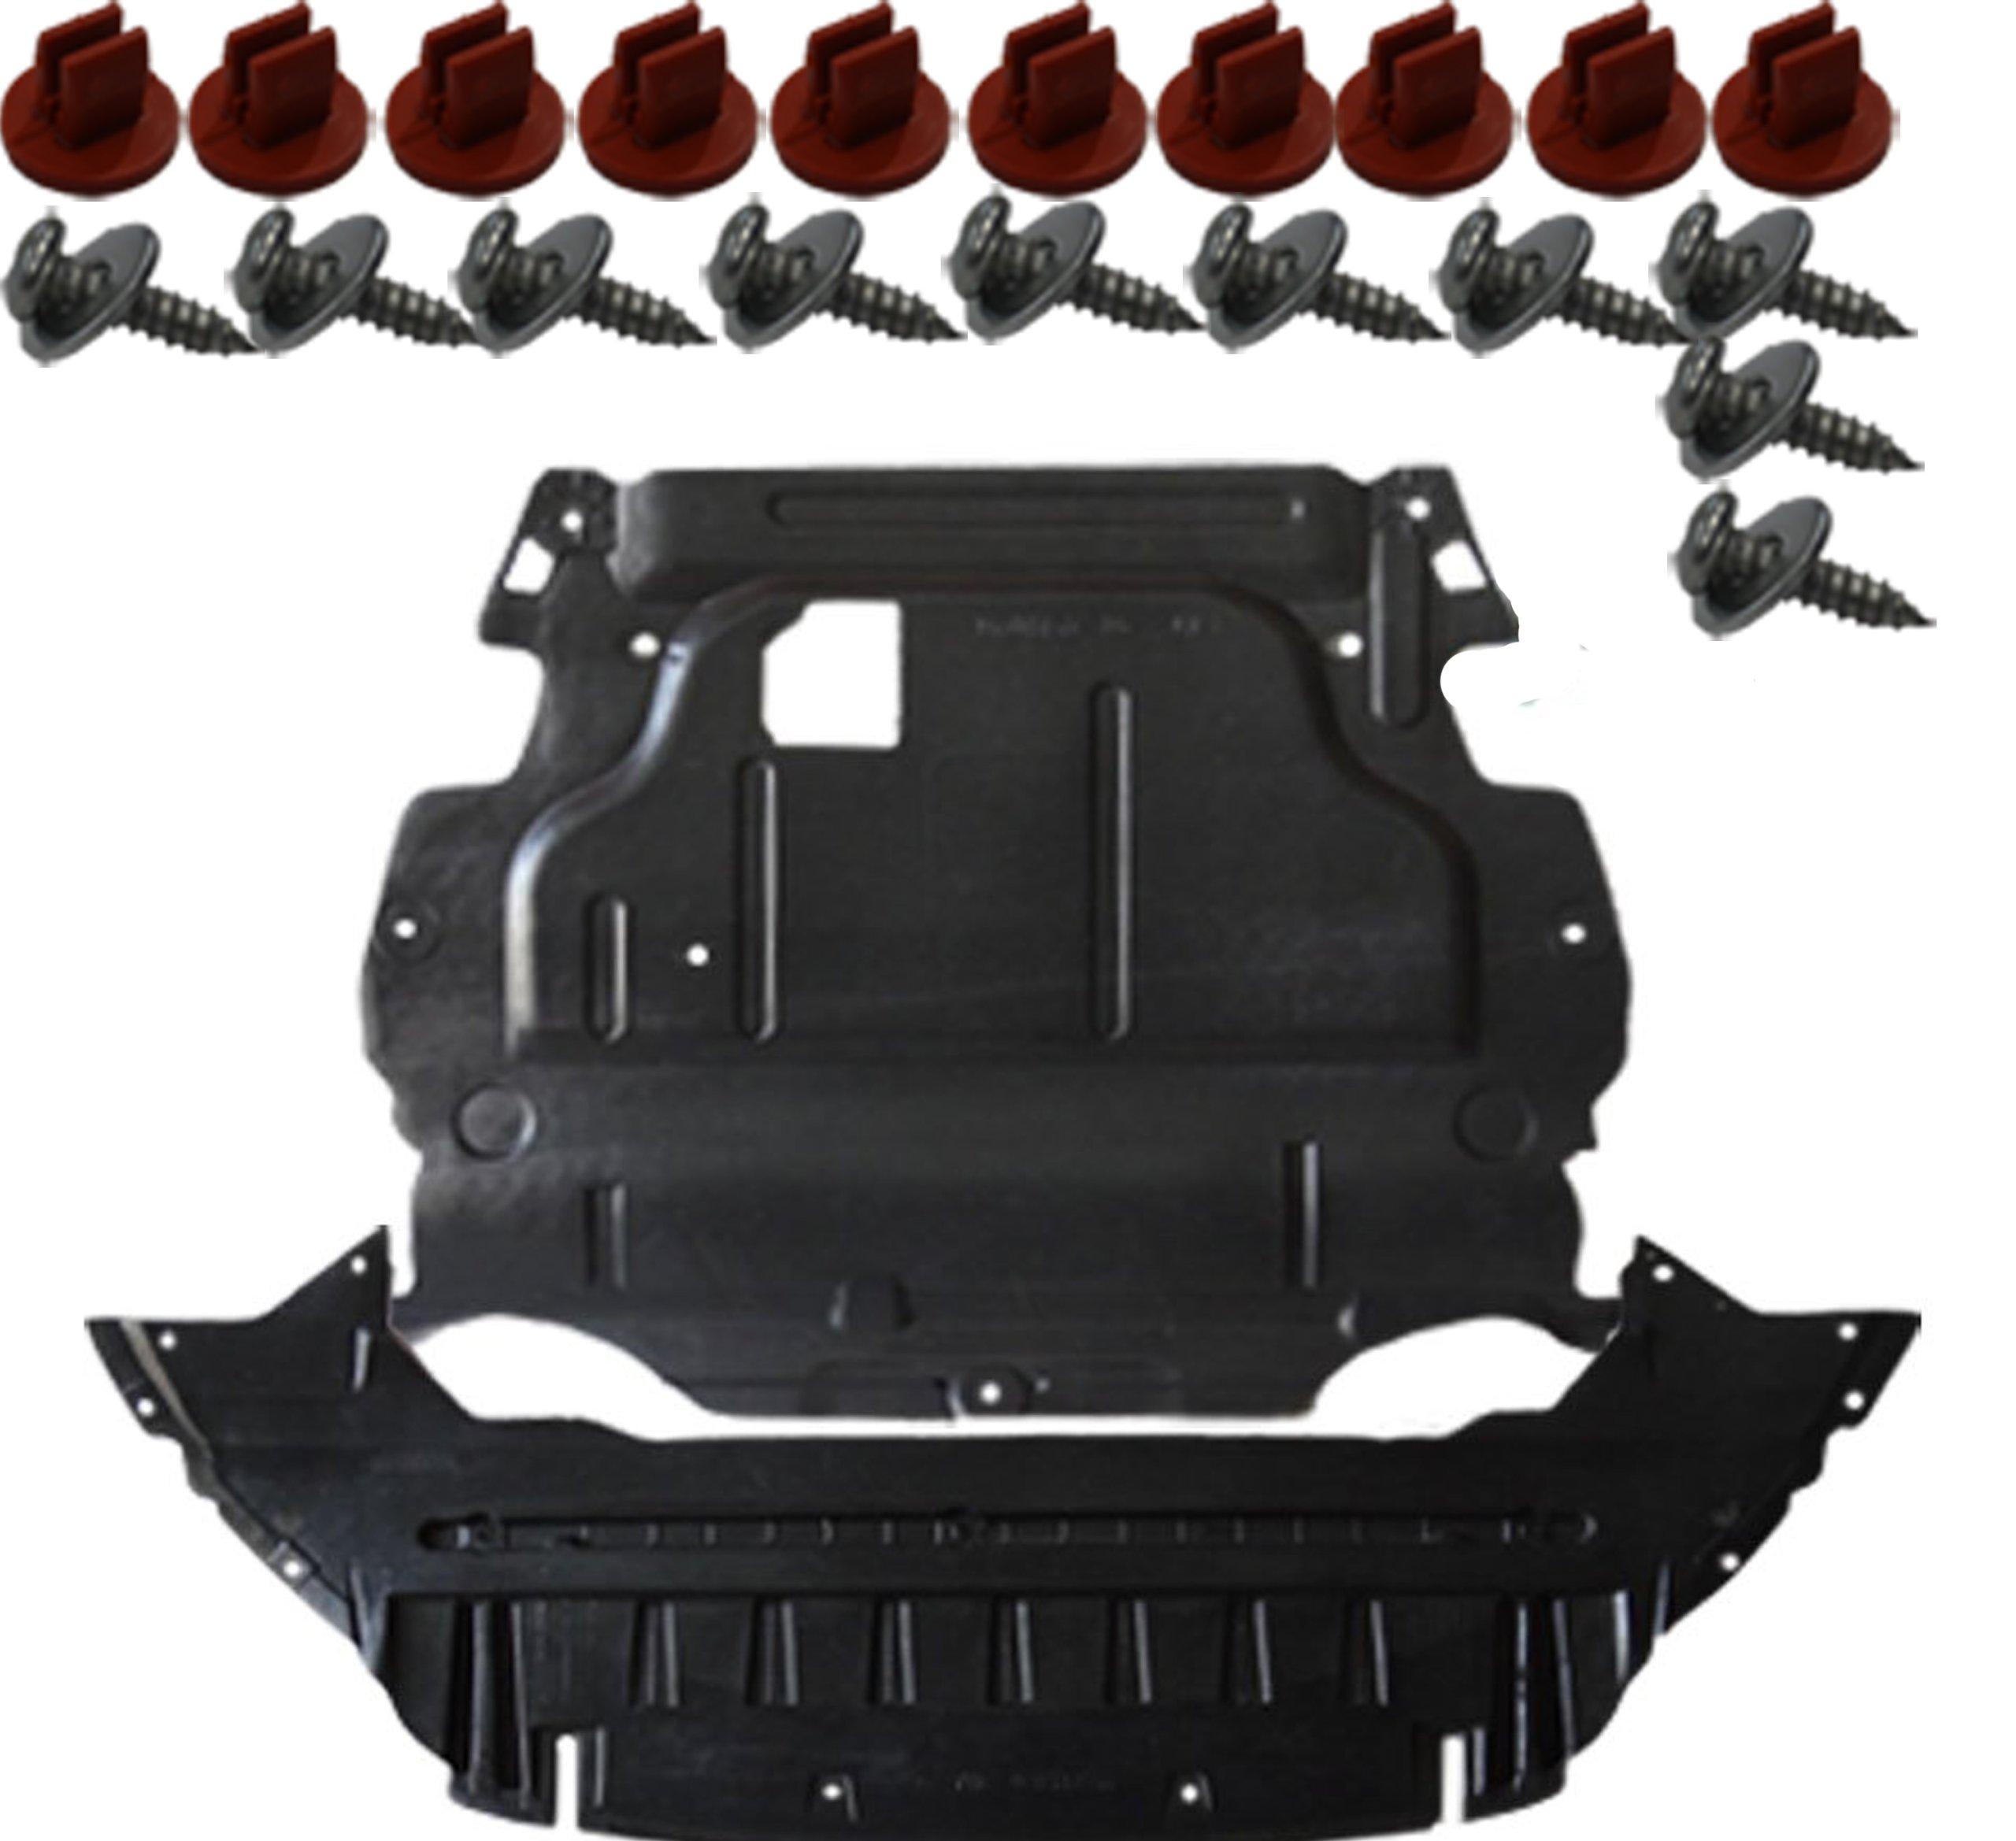 ford mondeo мк 4 iv крышка двигателя бампера запонки